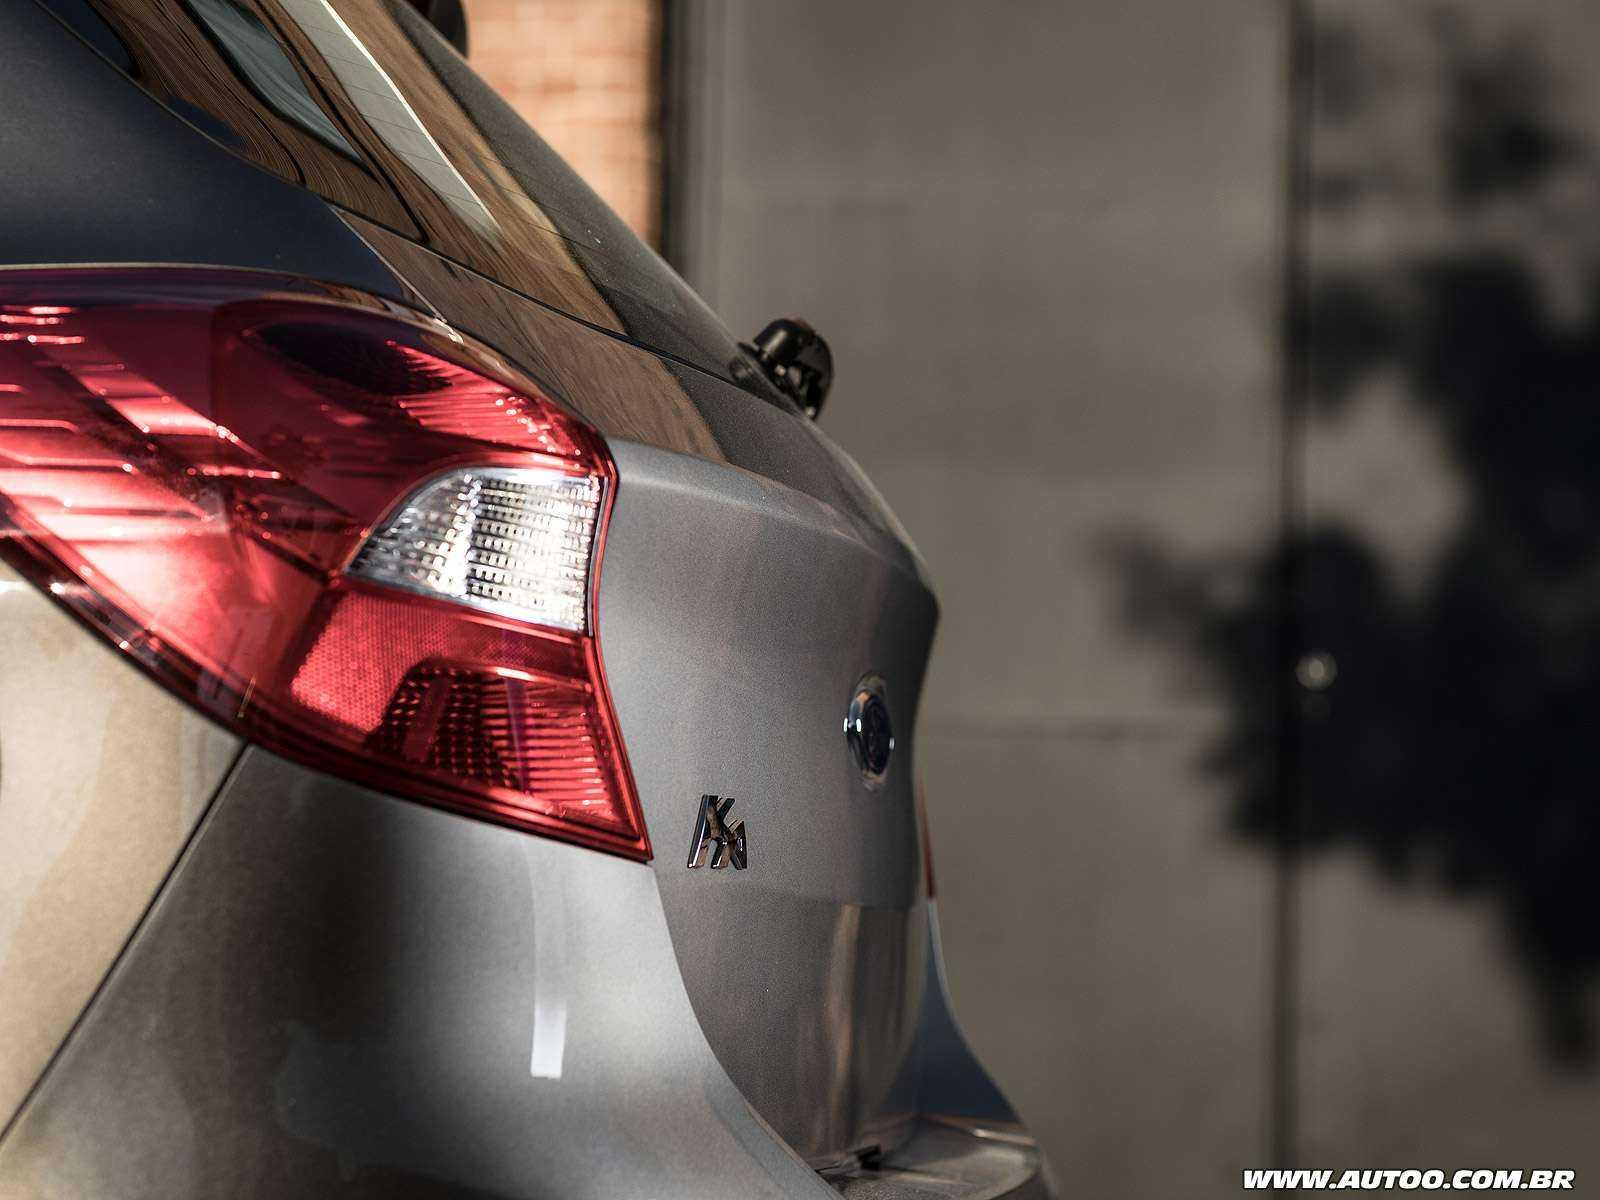 FordKa 2019 - lanternas